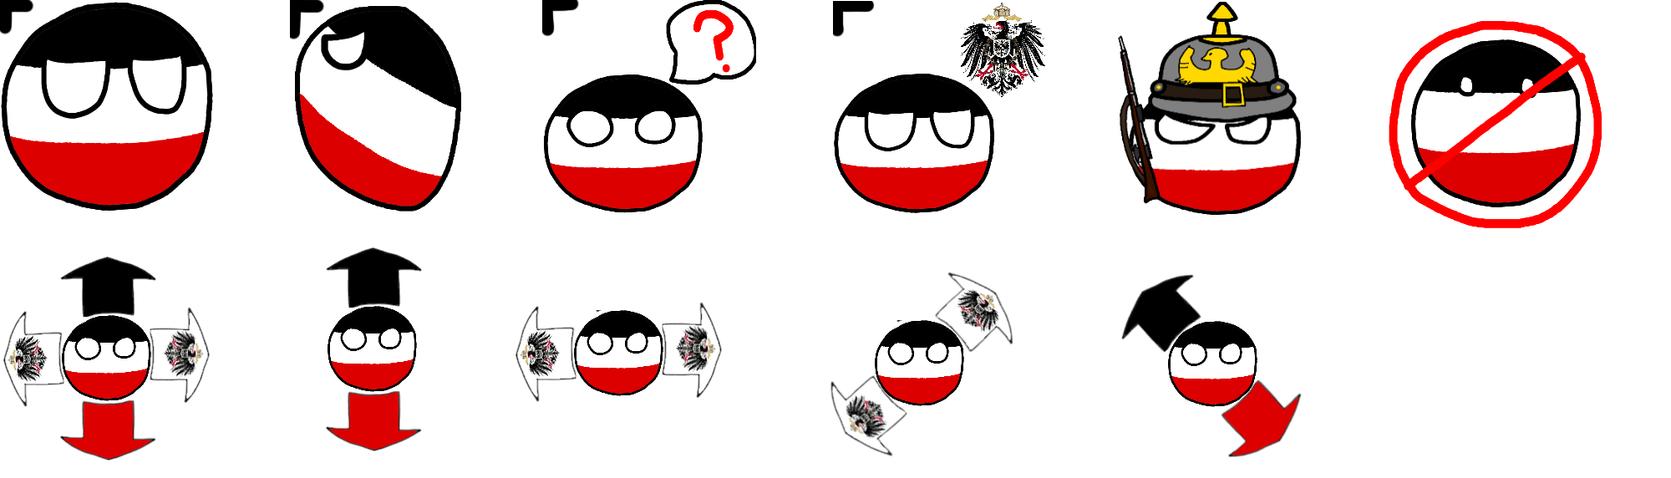 Imperio Aleman cursor by Cursoresballs